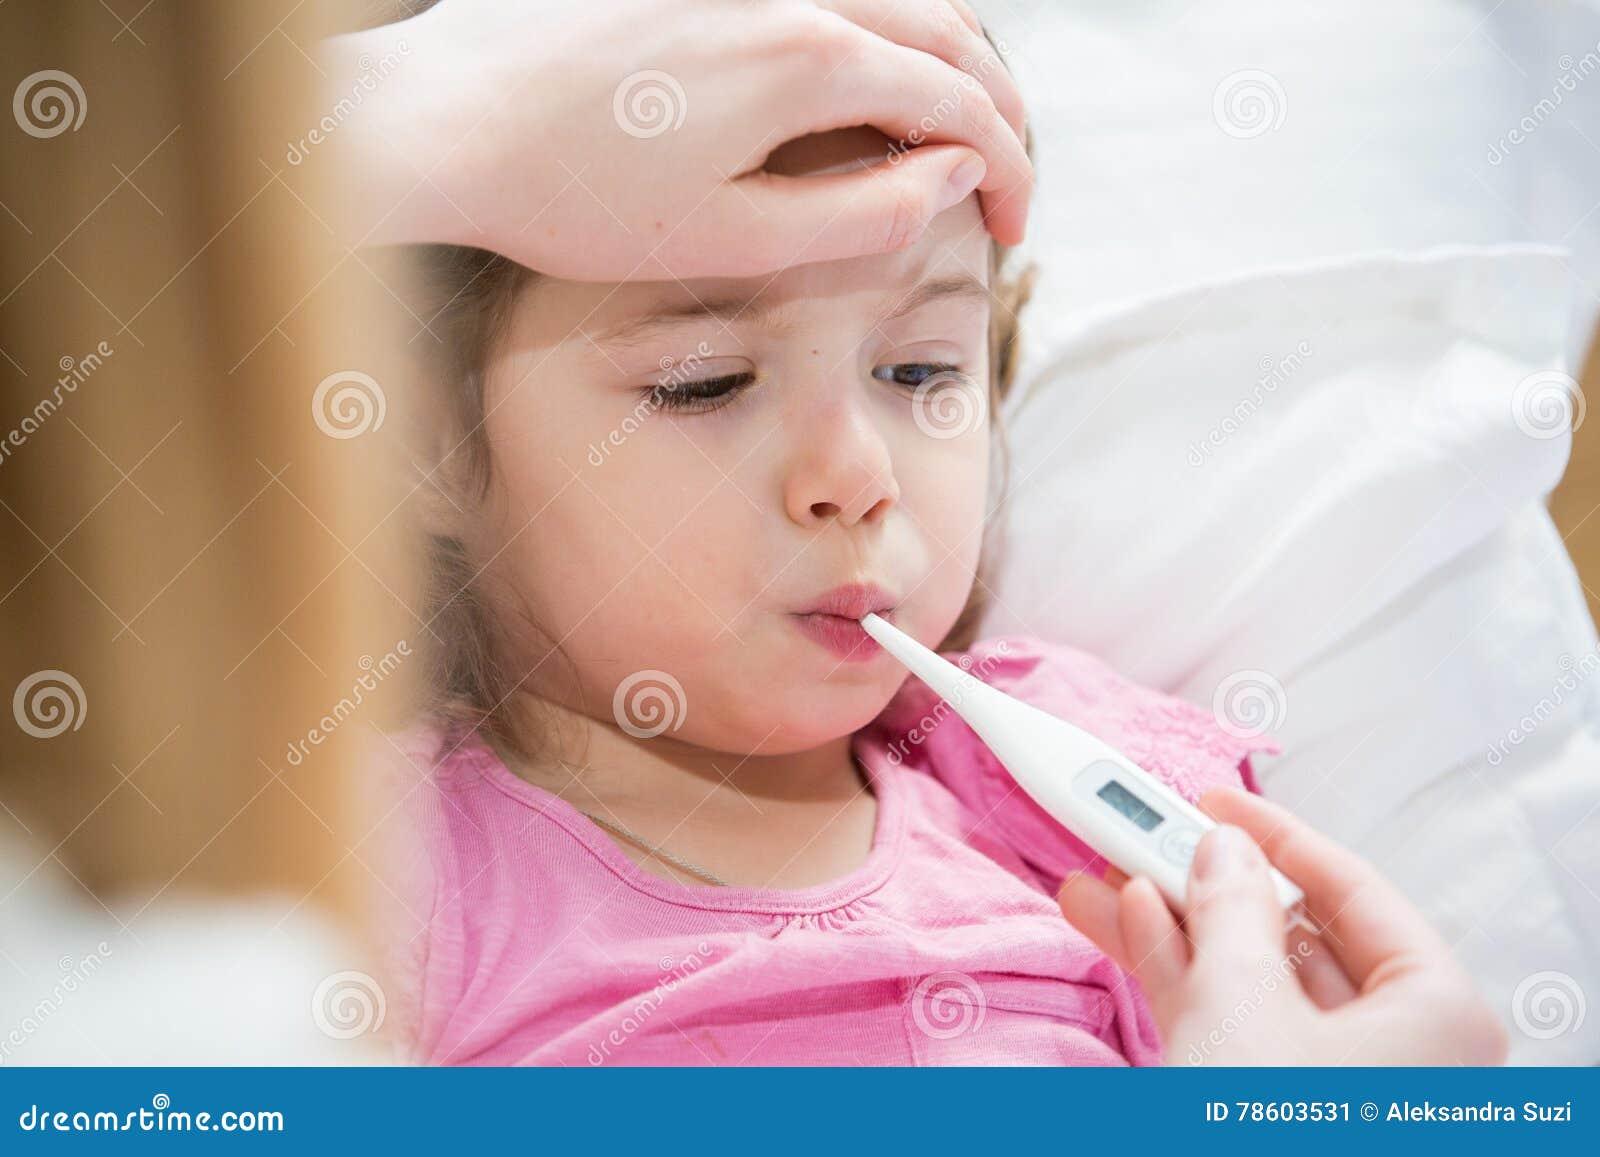 Niño enfermo con fiebre